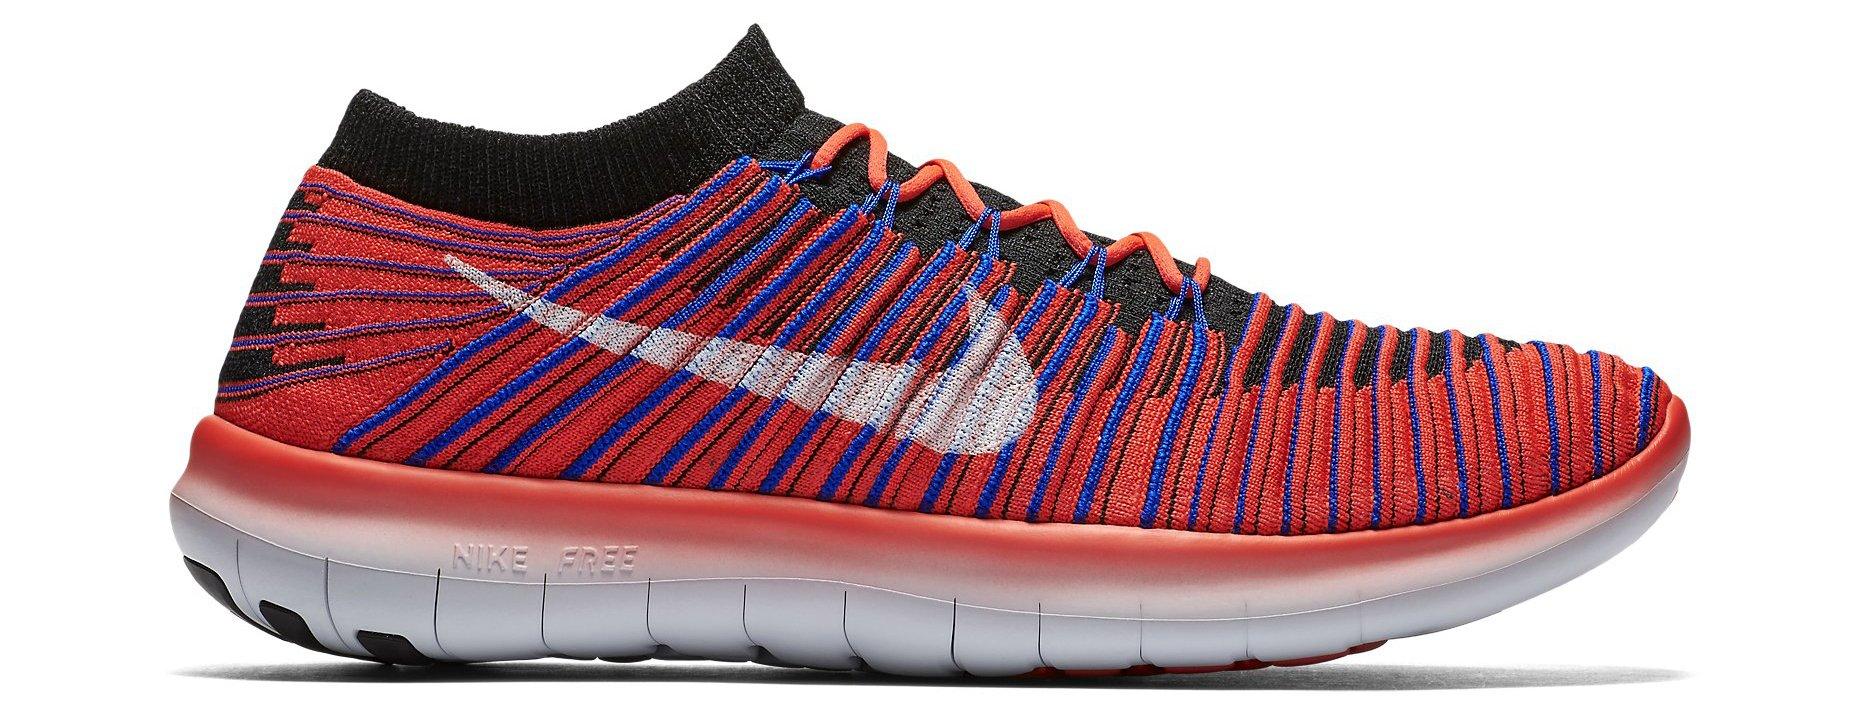 Běžecká obuv Nike FREE RN Motion Flyknit